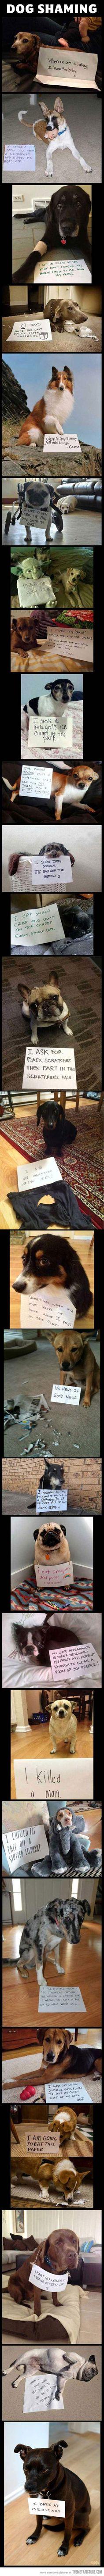 qué manera de reírme con esto!!!